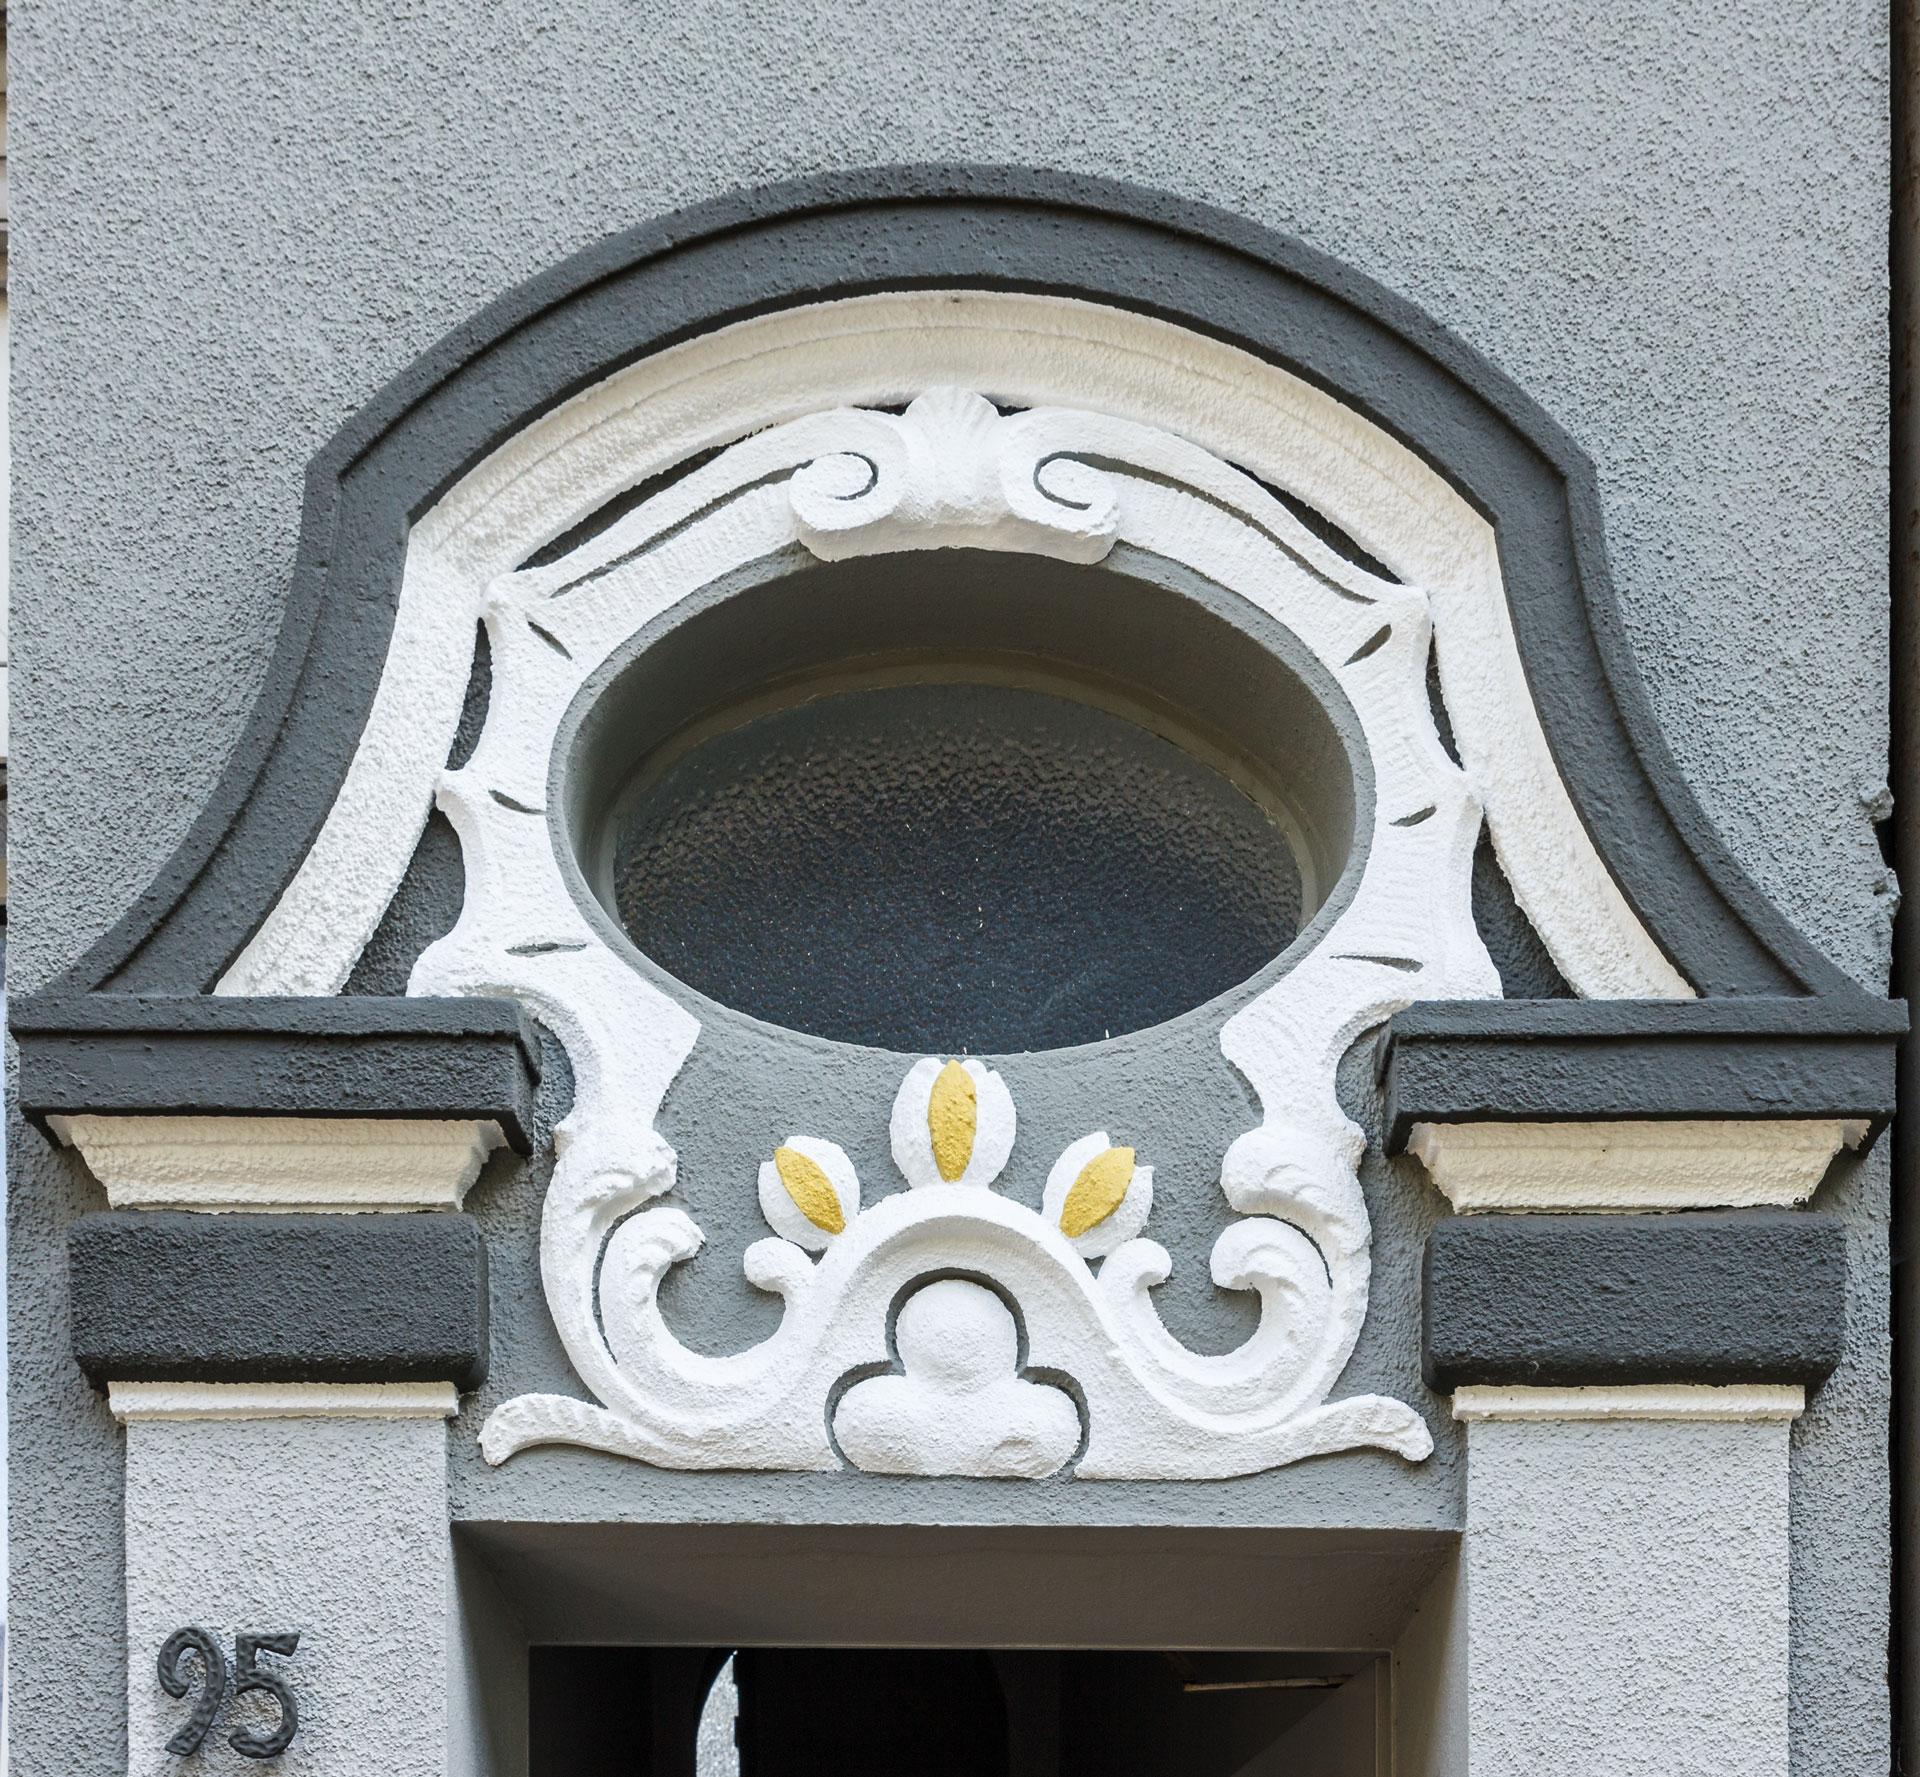 Stuckfassade Kreuzstr. 95 Maler Drewes